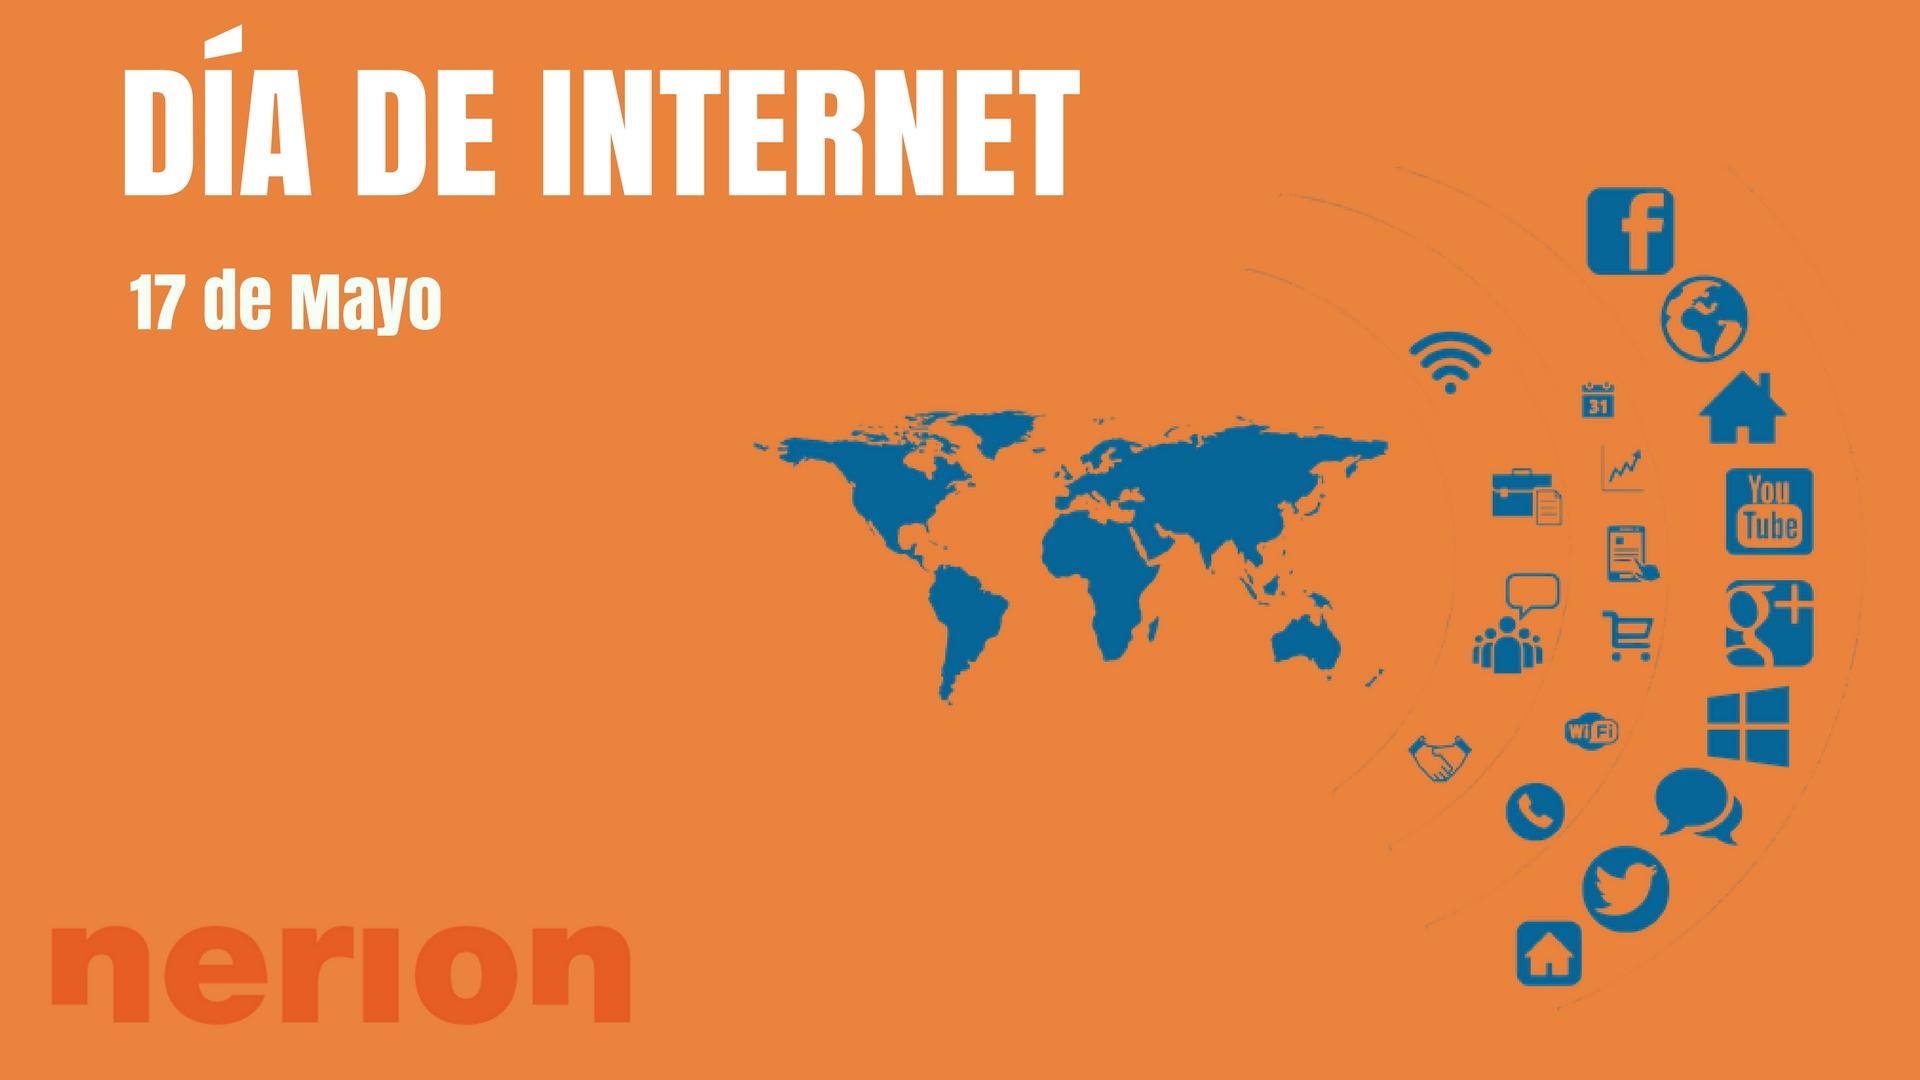 historia de internet y su actualidad en el dia de internet 2017